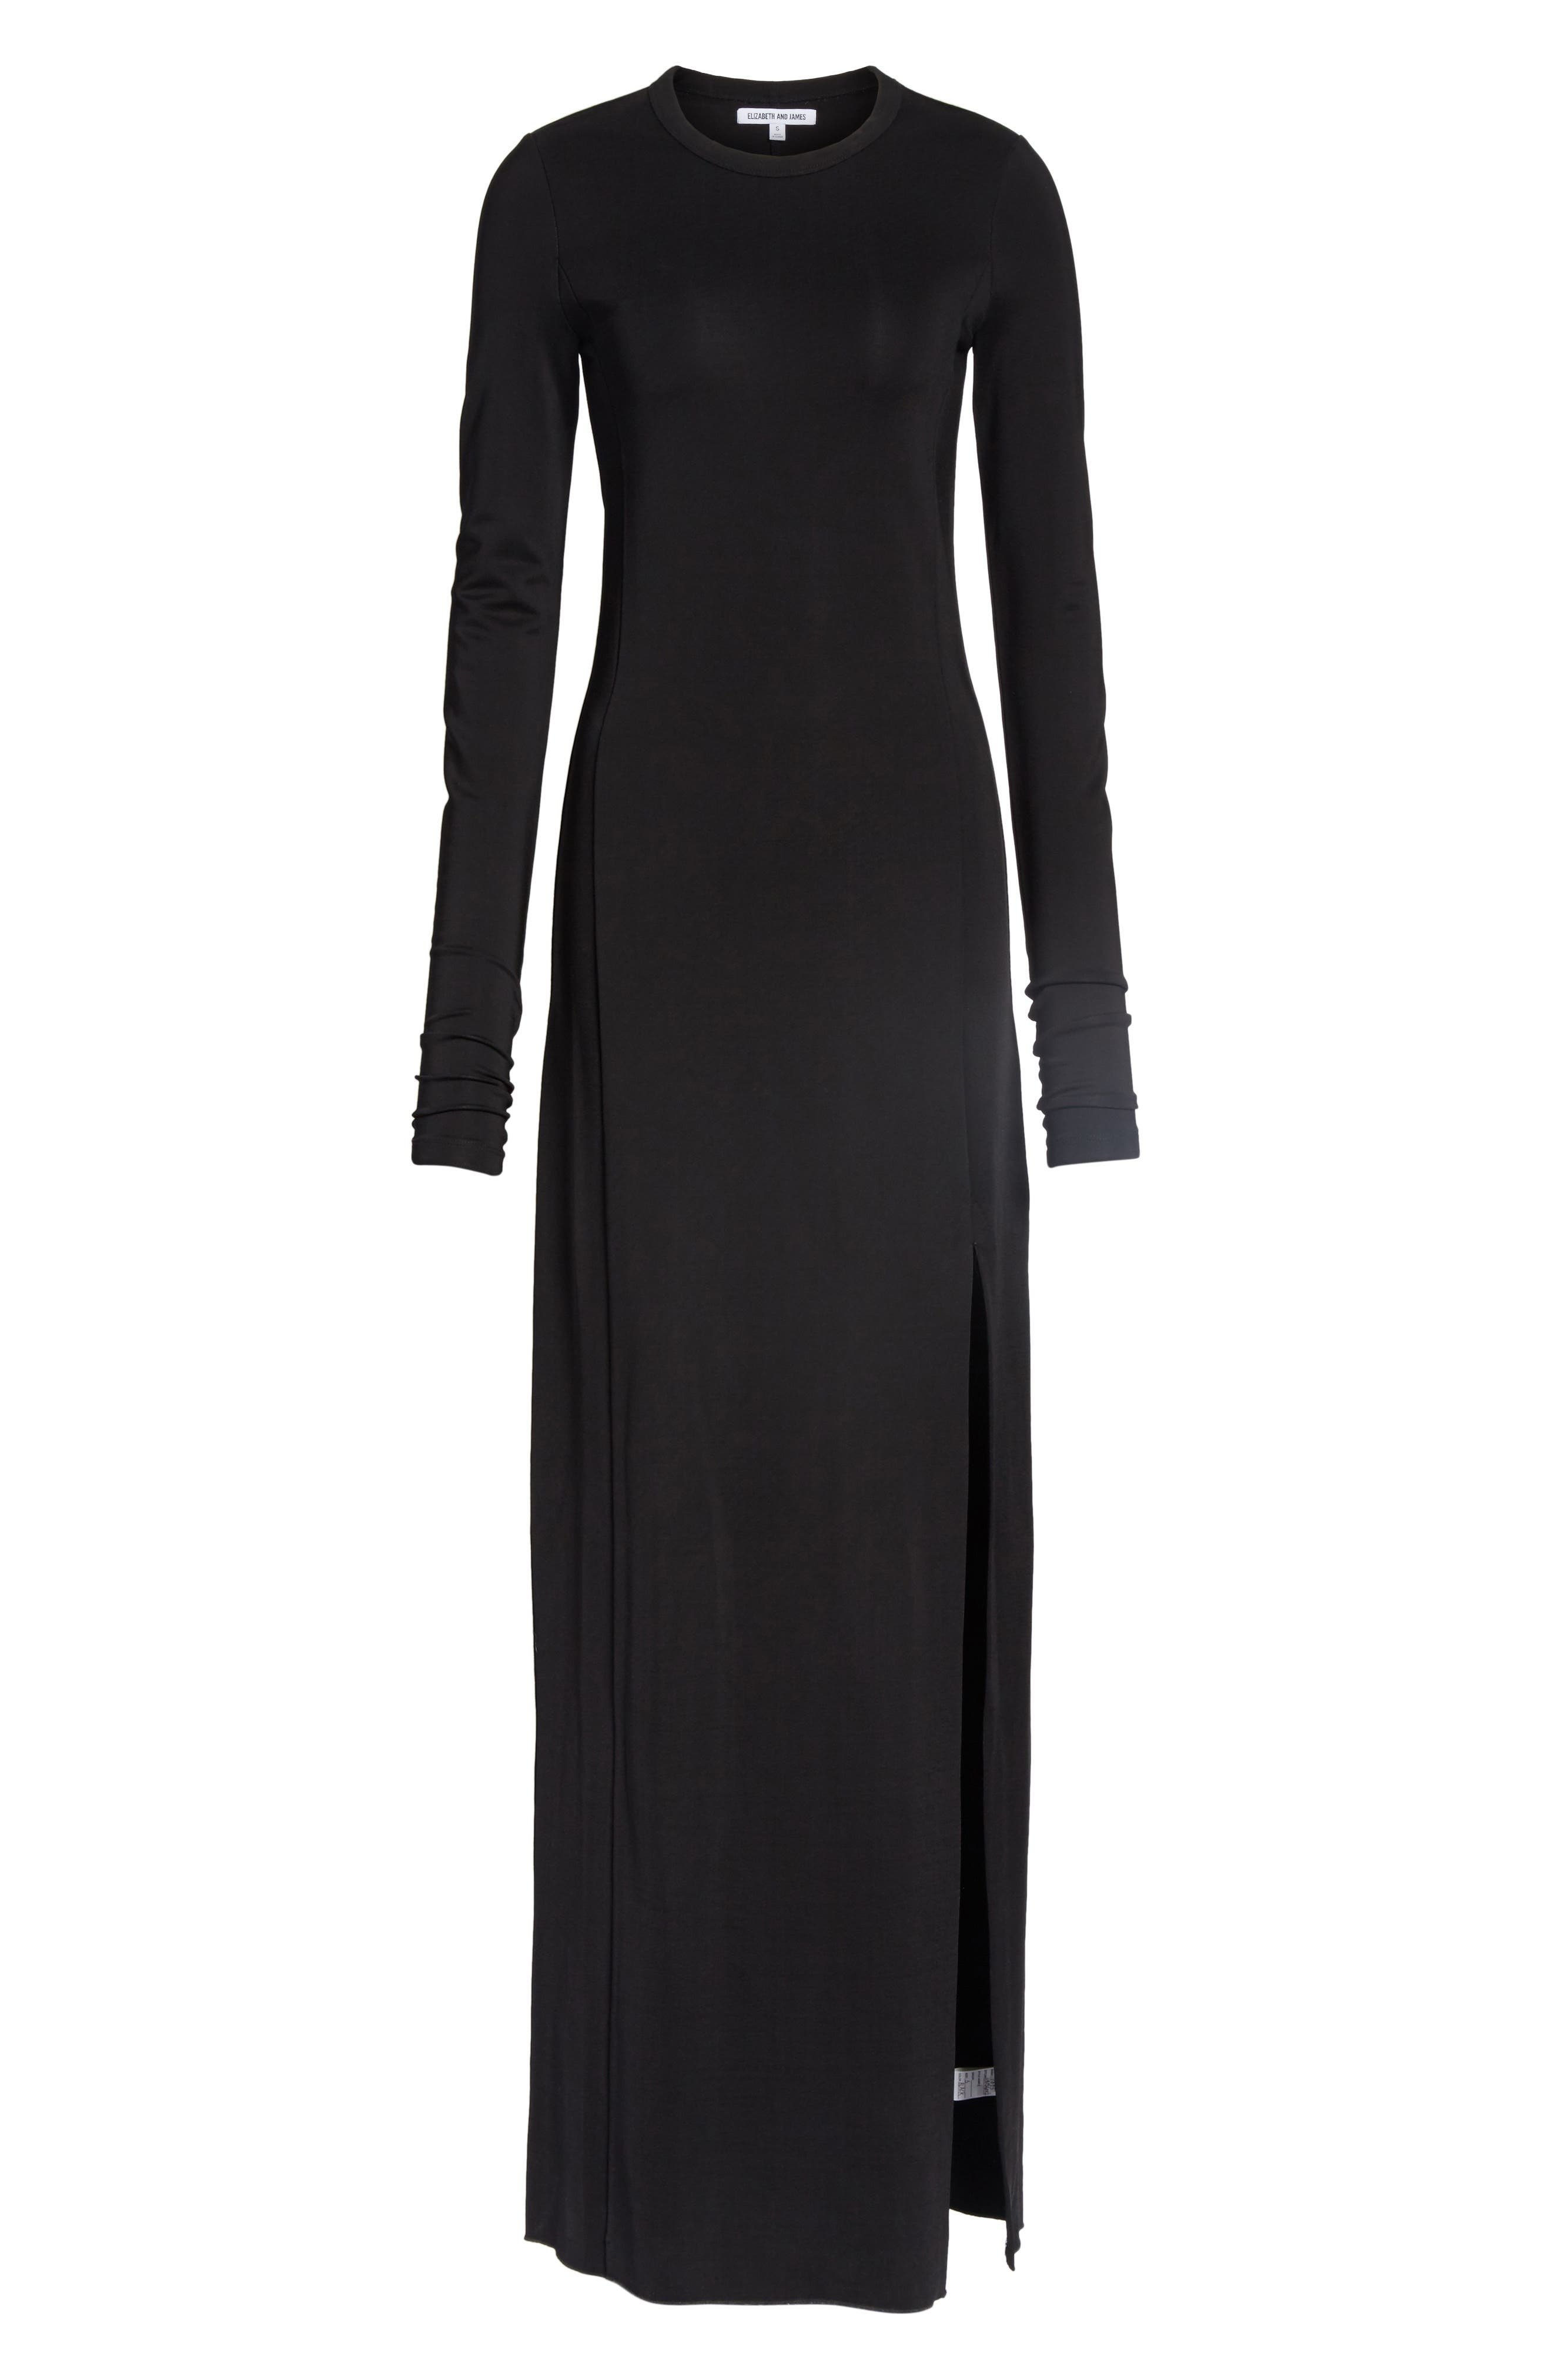 Fallon Slit Skirt Jersey Maxi Dress,                             Alternate thumbnail 6, color,                             001